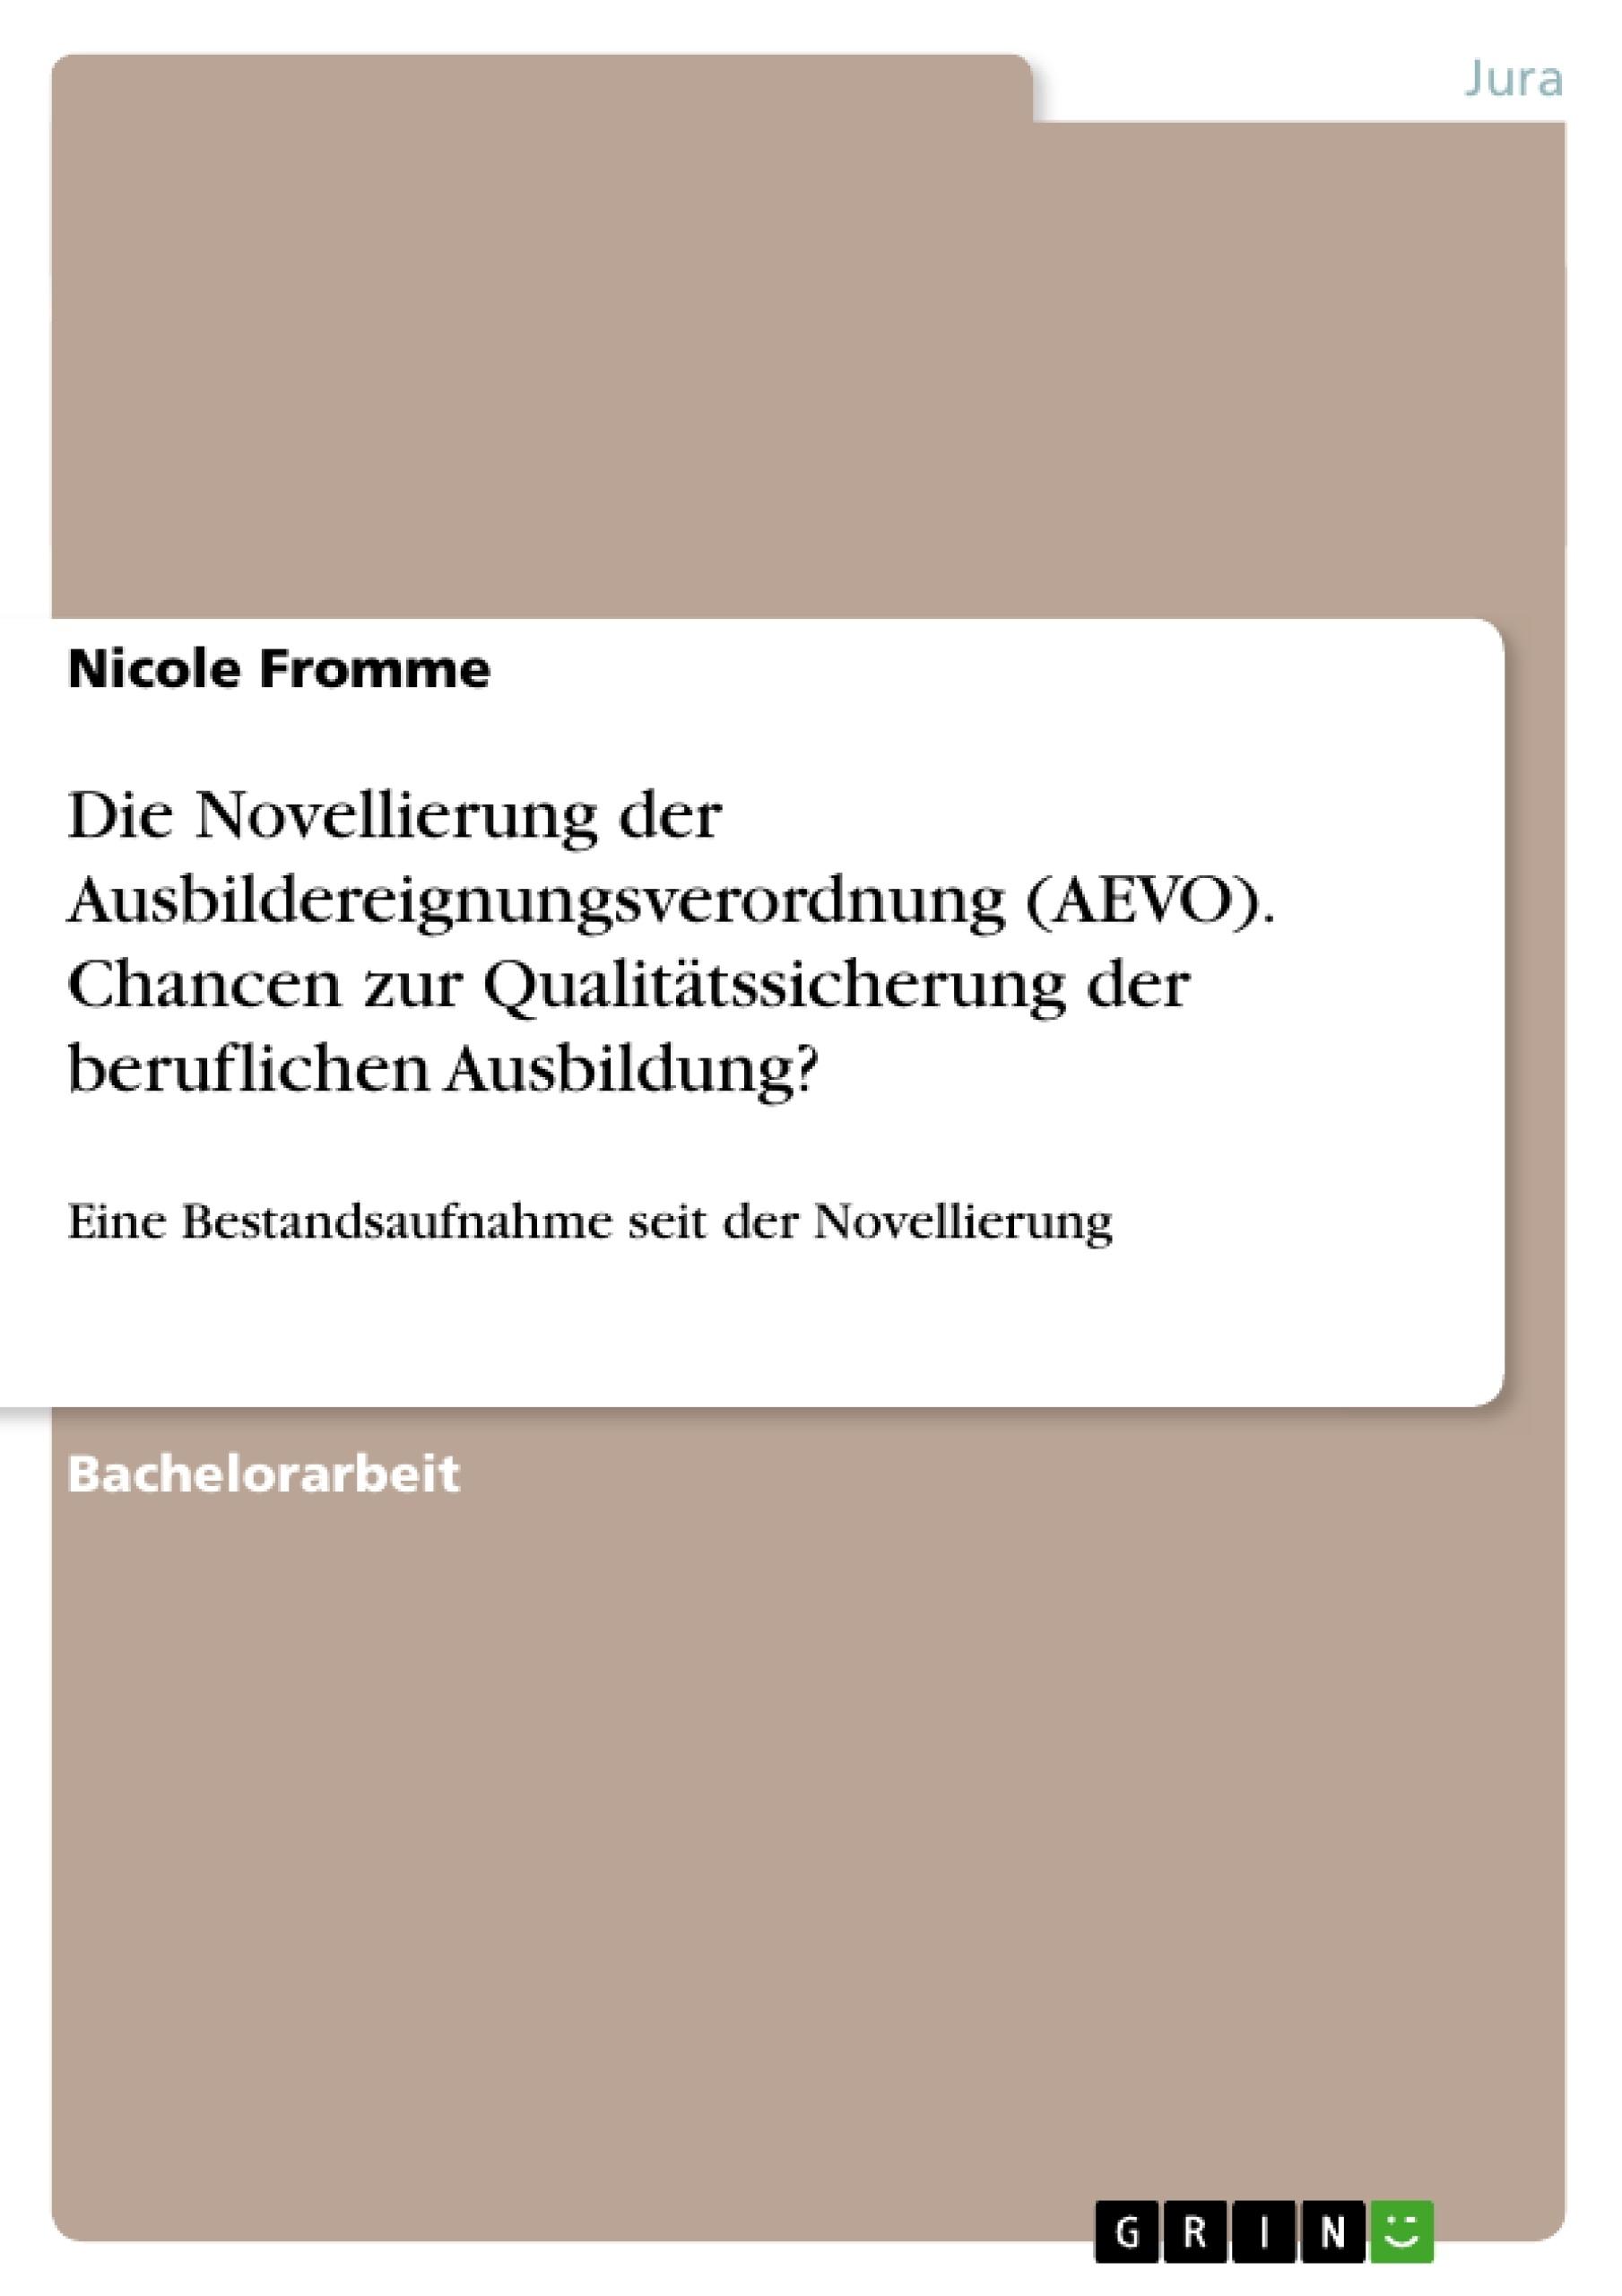 Titel: Die Novellierung der Ausbildereignungsverordnung (AEVO). Chancen zur Qualitätssicherung der beruflichen Ausbildung?